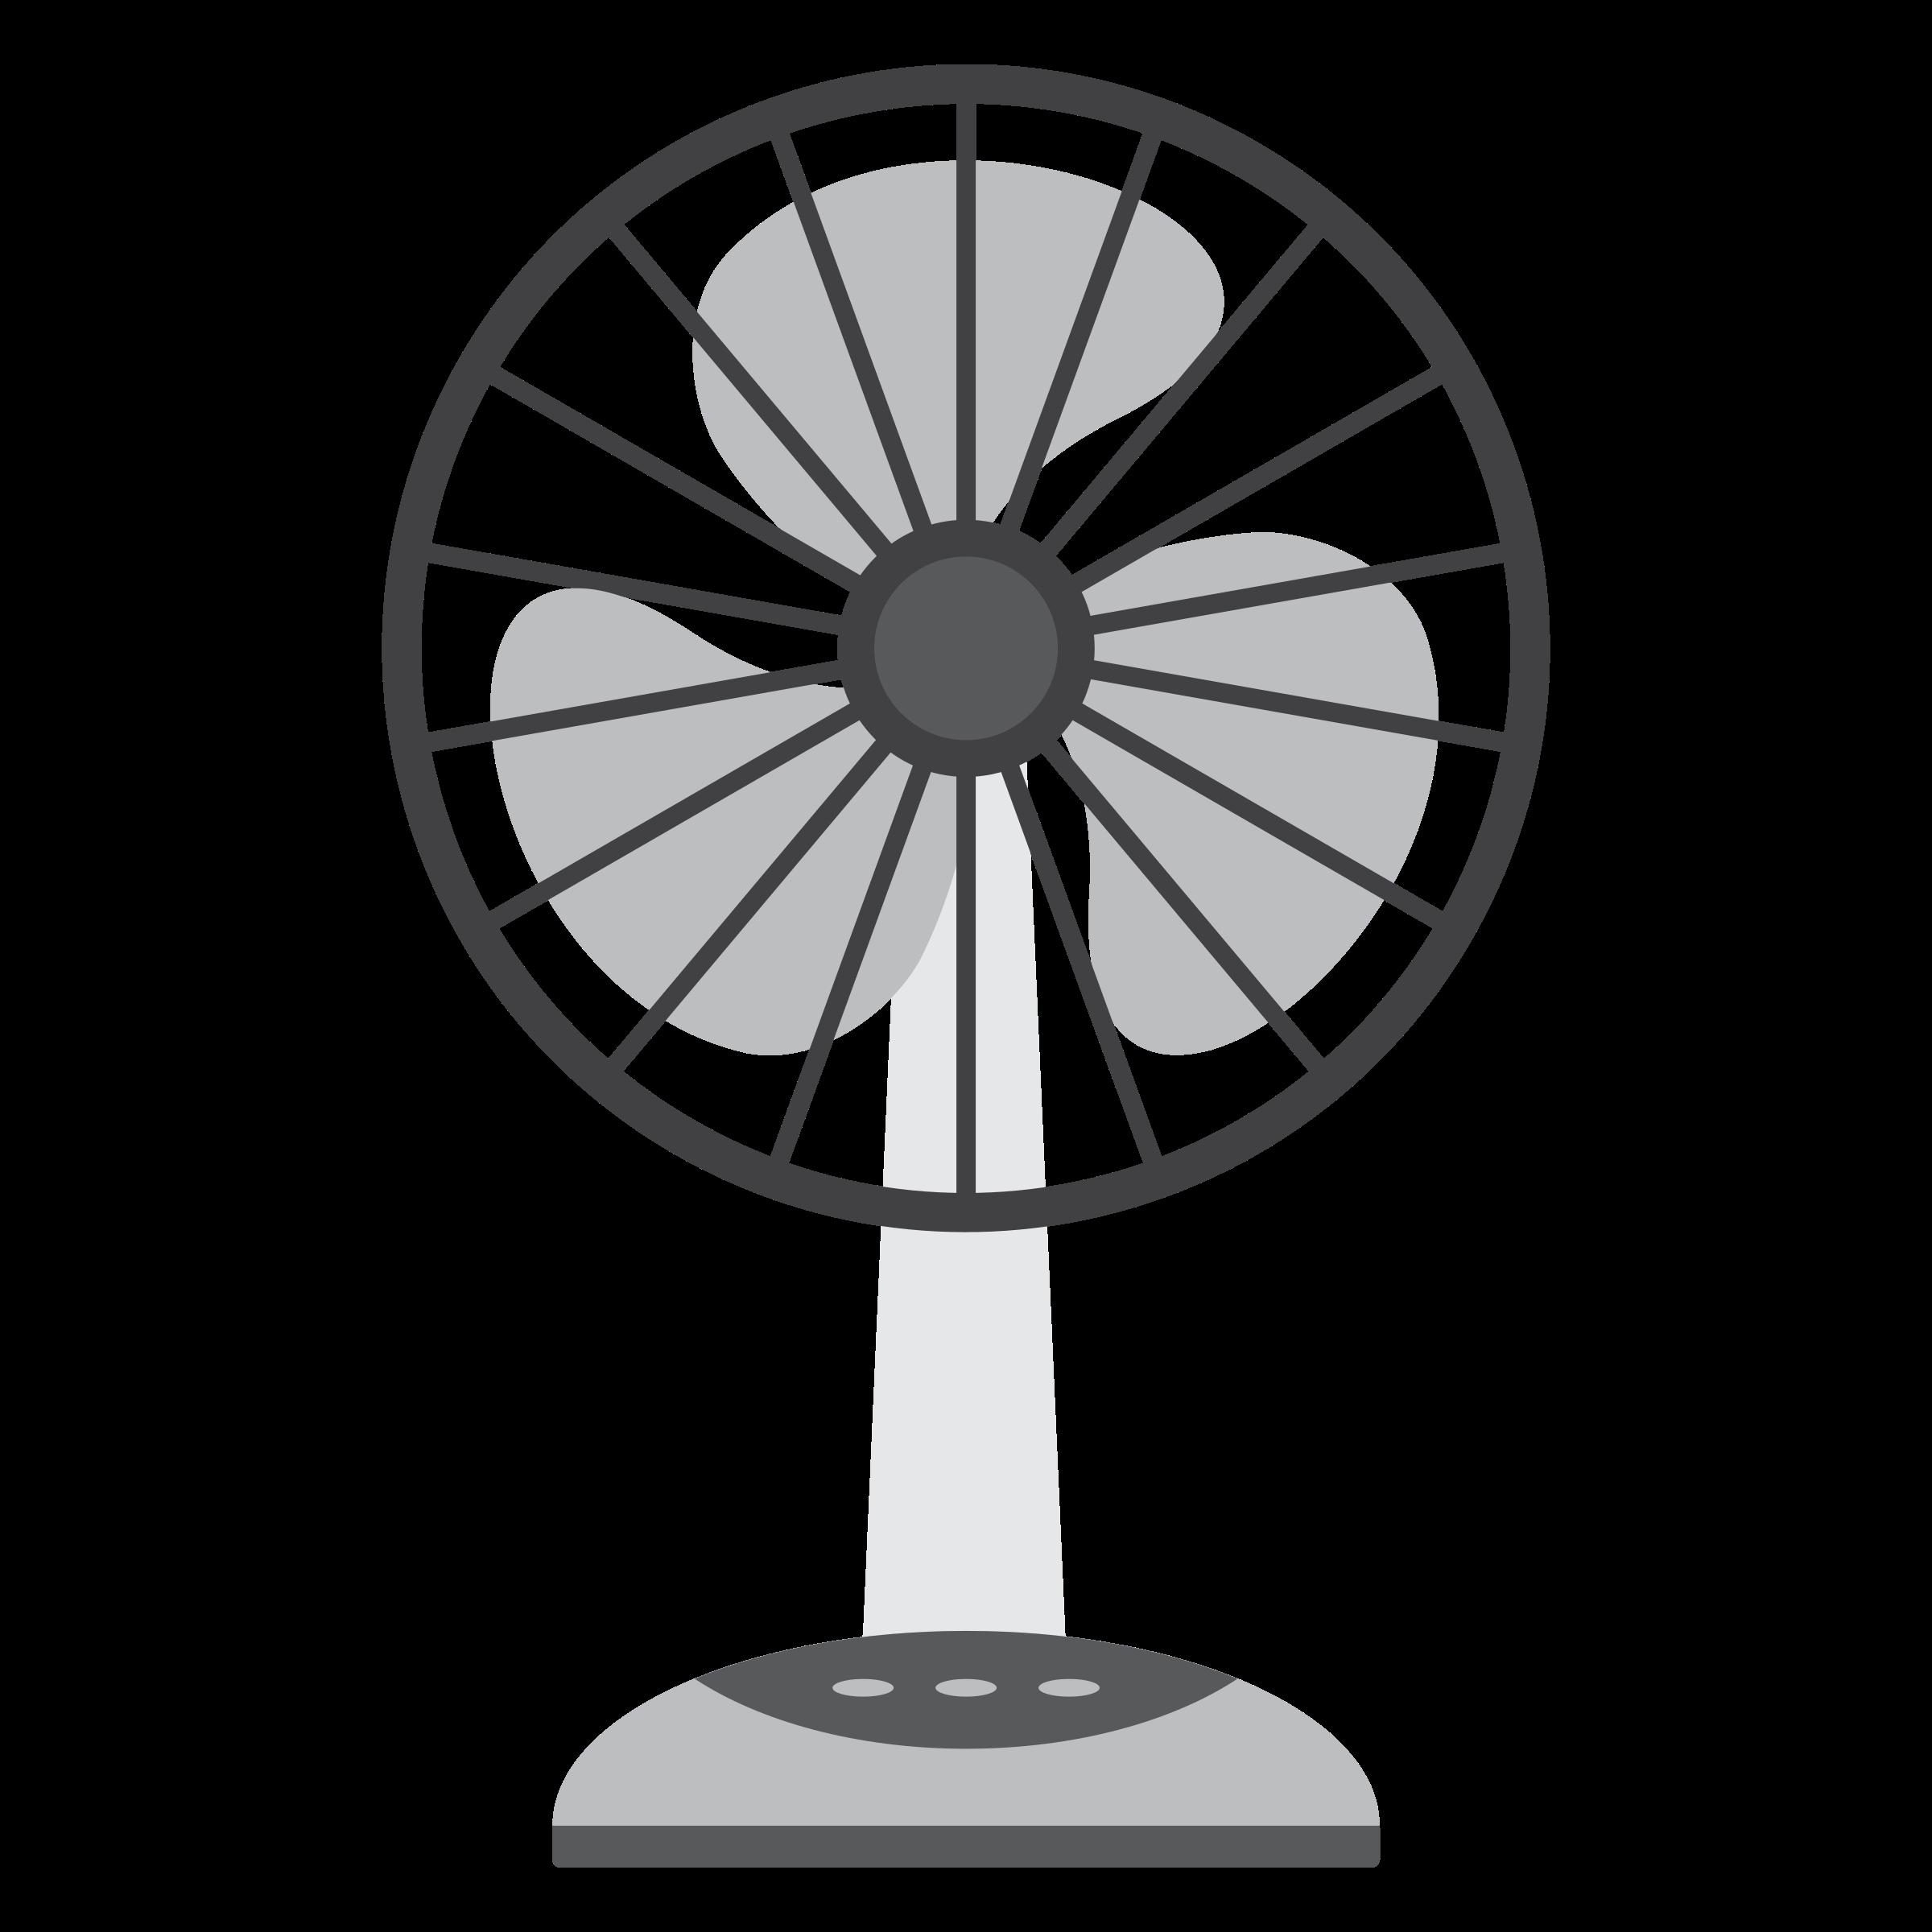 FAN Transparent PNG, Electric Fan, Ceiling Fan, Fans Clipart.